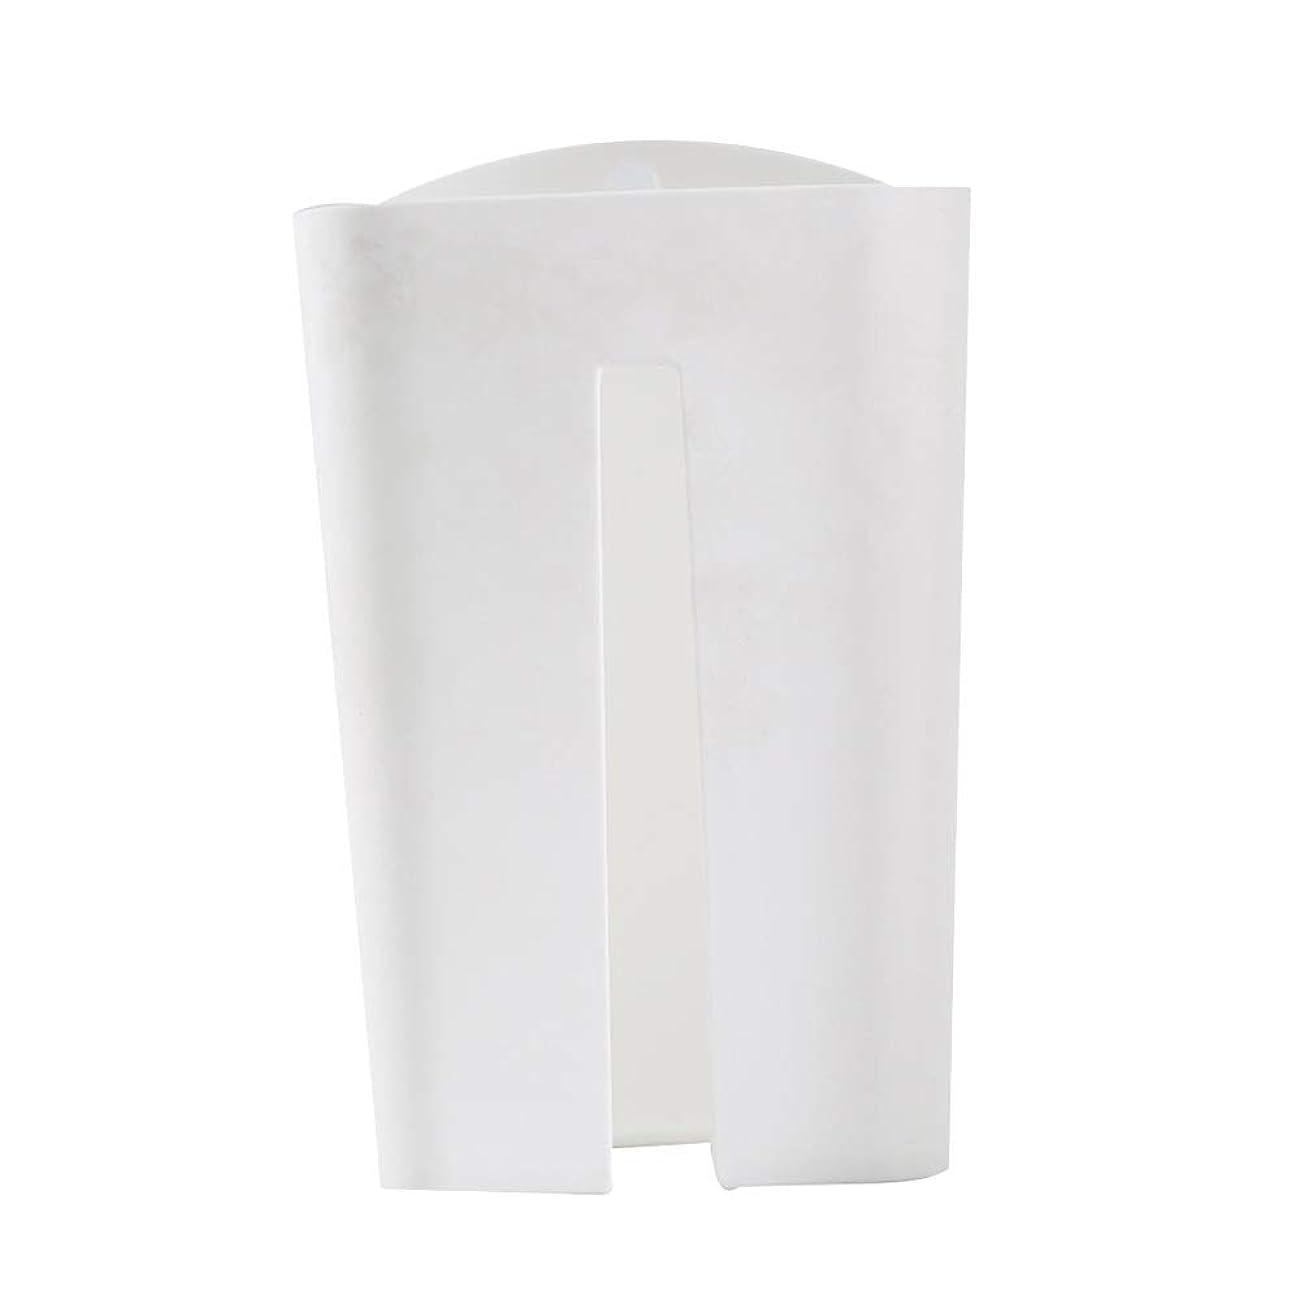 と遊ぶ頬失OUNONA ゴミ袋ストッカー レジ袋ストッカー プラスチック製 壁掛け キッチン収納ボックス(ホワイト)